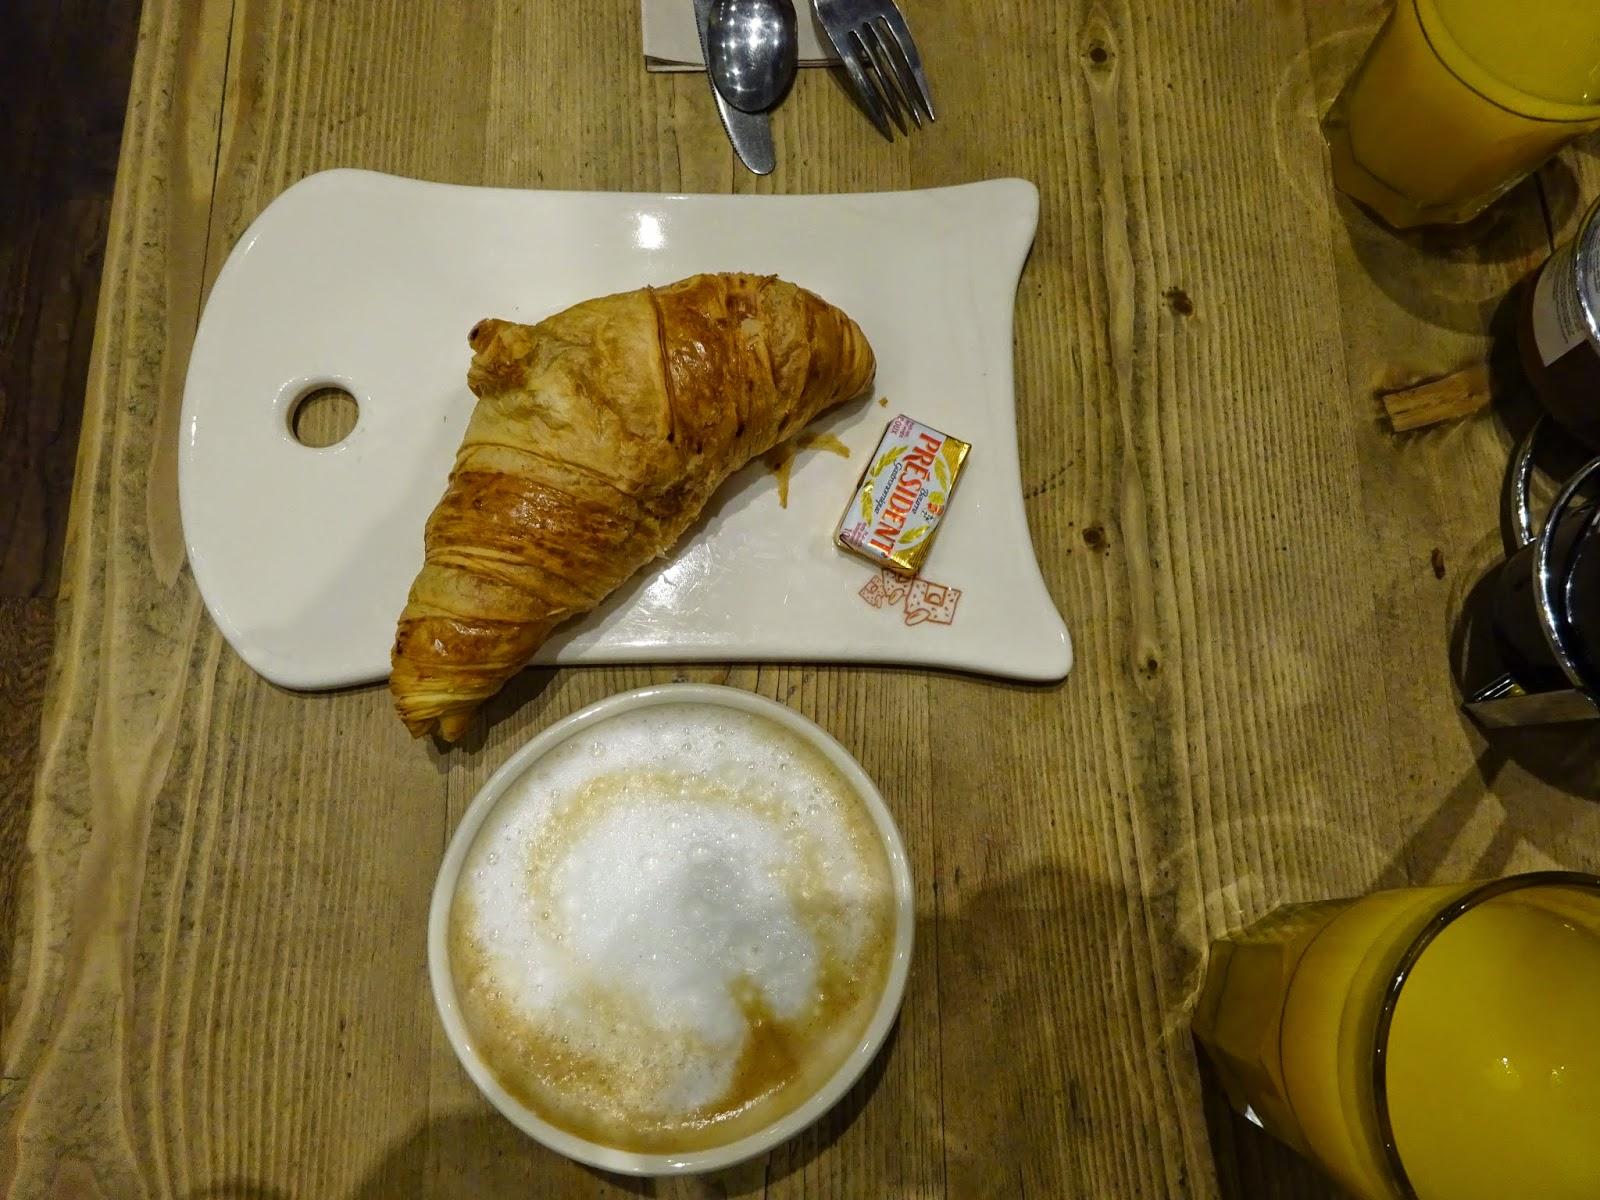 Le Pain Quotidien-desayuno-café